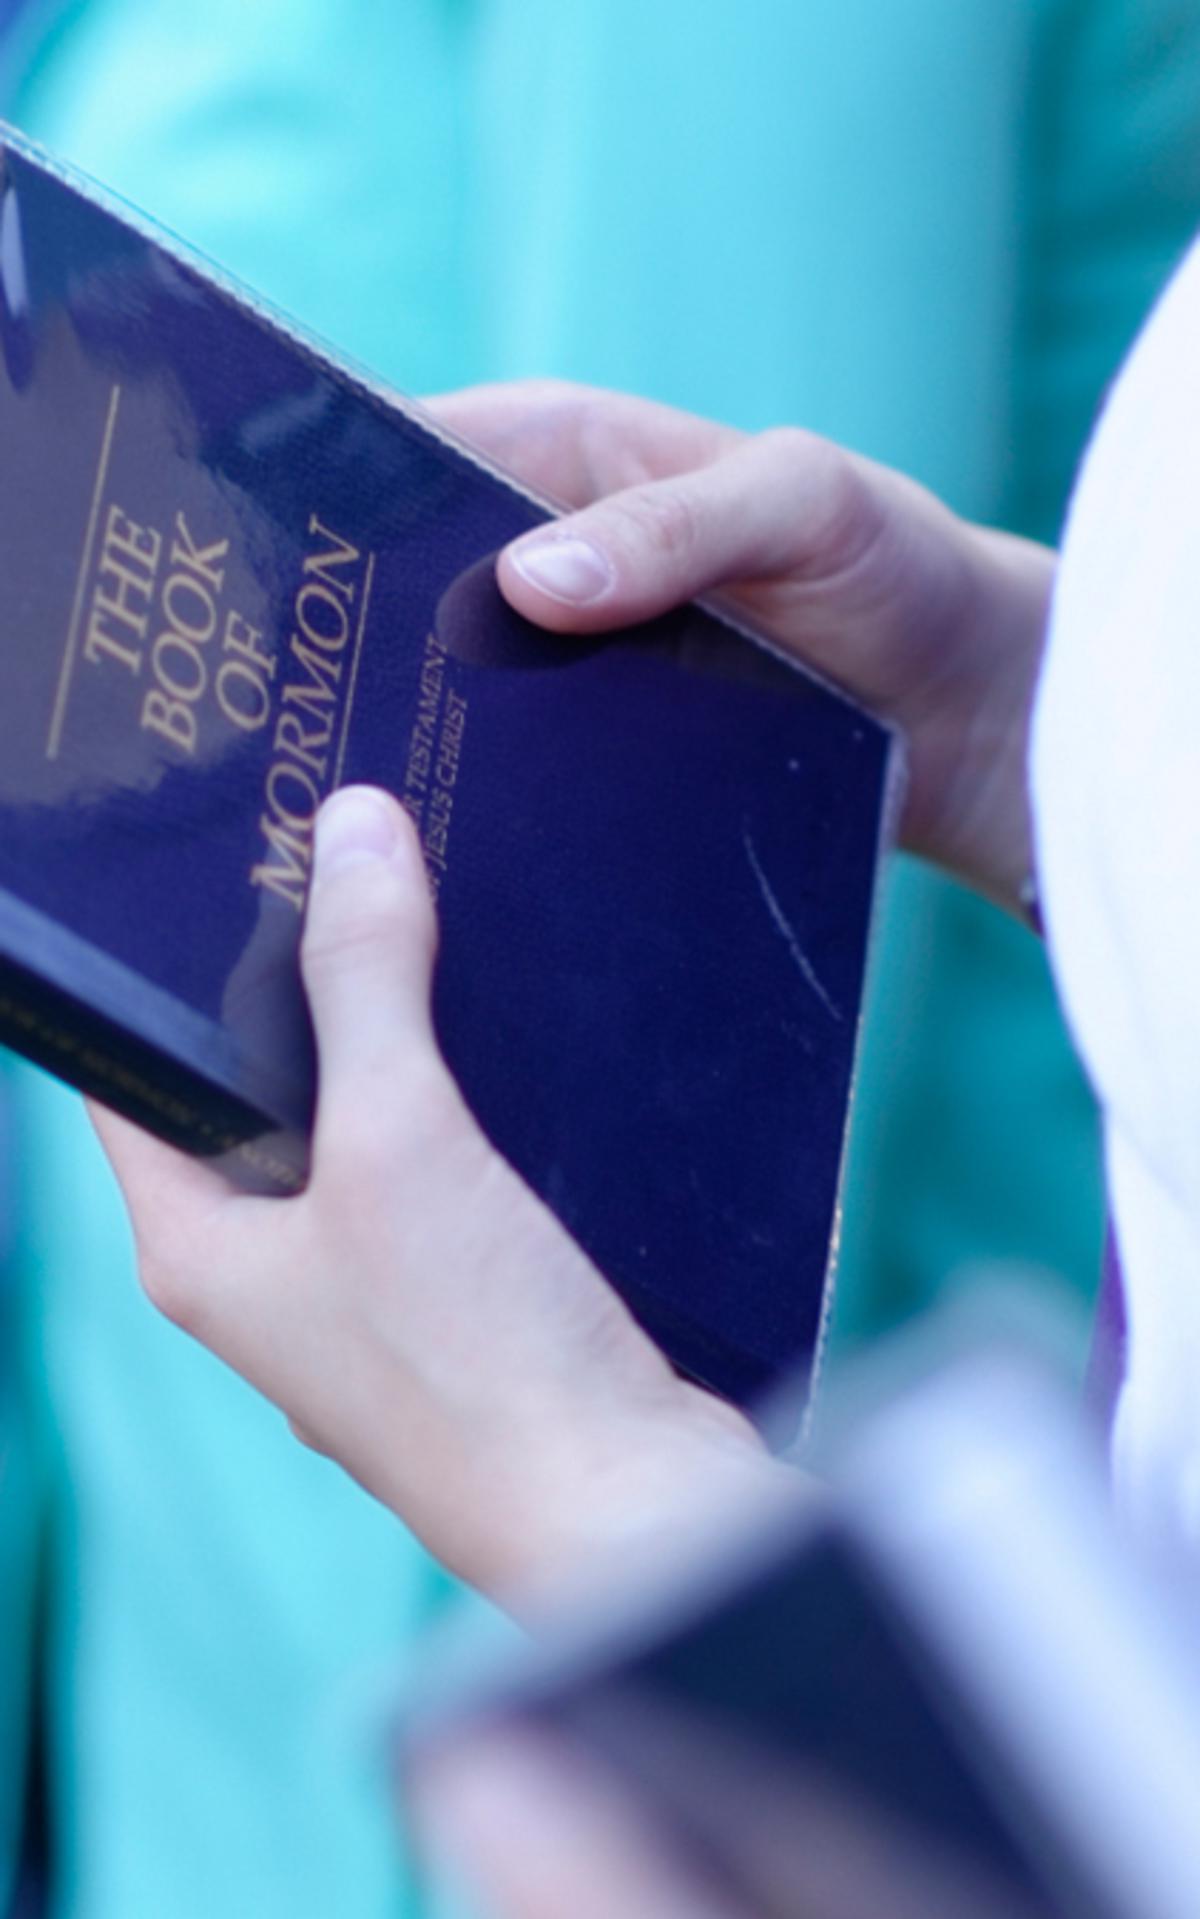 Das Buch Mormon ist heilige Schrift wie die Bibel.